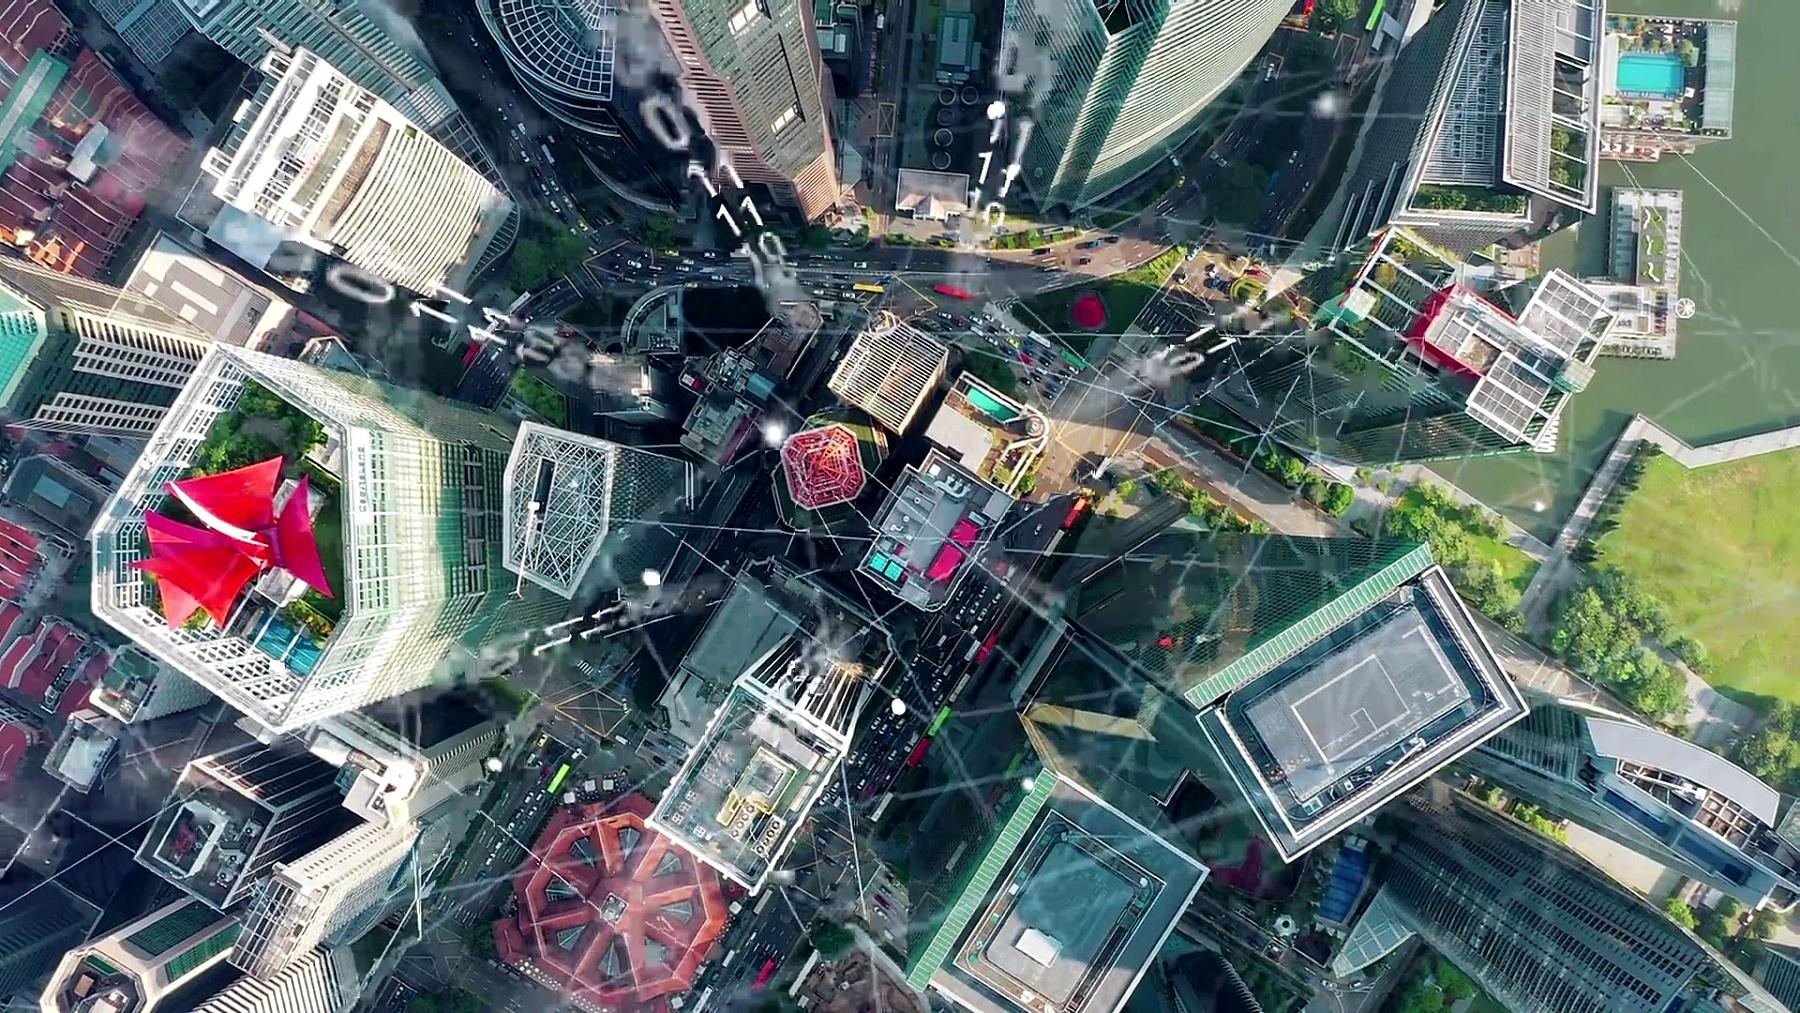 鸟瞰新加坡现代城市和通讯网络,智慧城市。物联网。信息通信网。传感器网络。智能电网。概念摘要和工业4.0